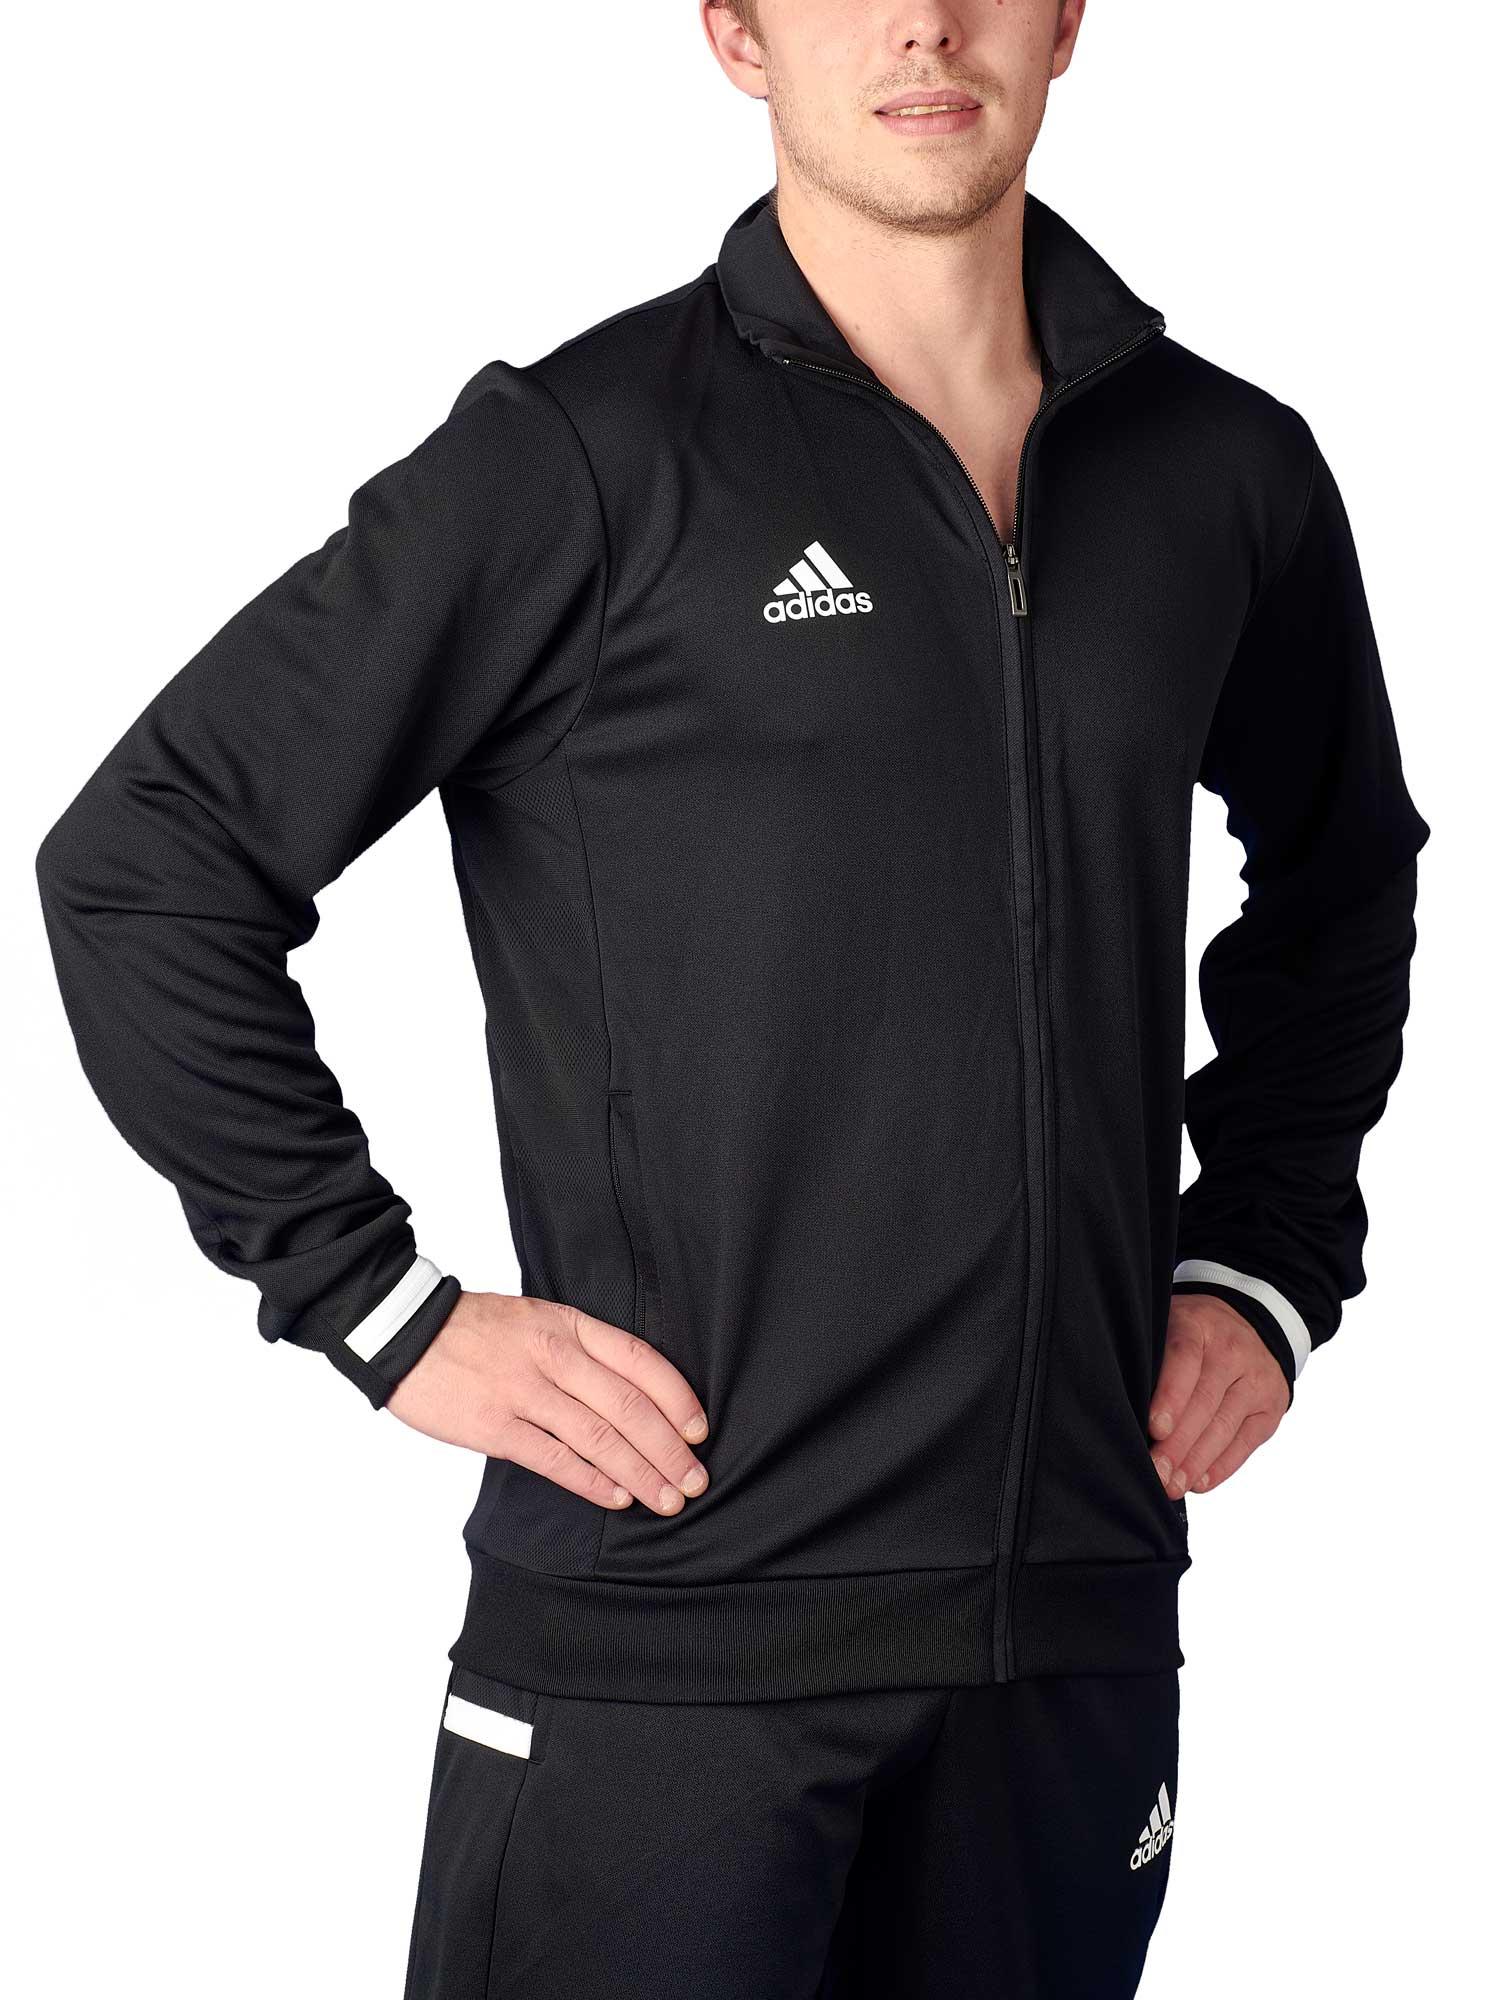 74660909f16c6 Vorschau  adidas T19 Trekking Jacket Männer schwarz weiß